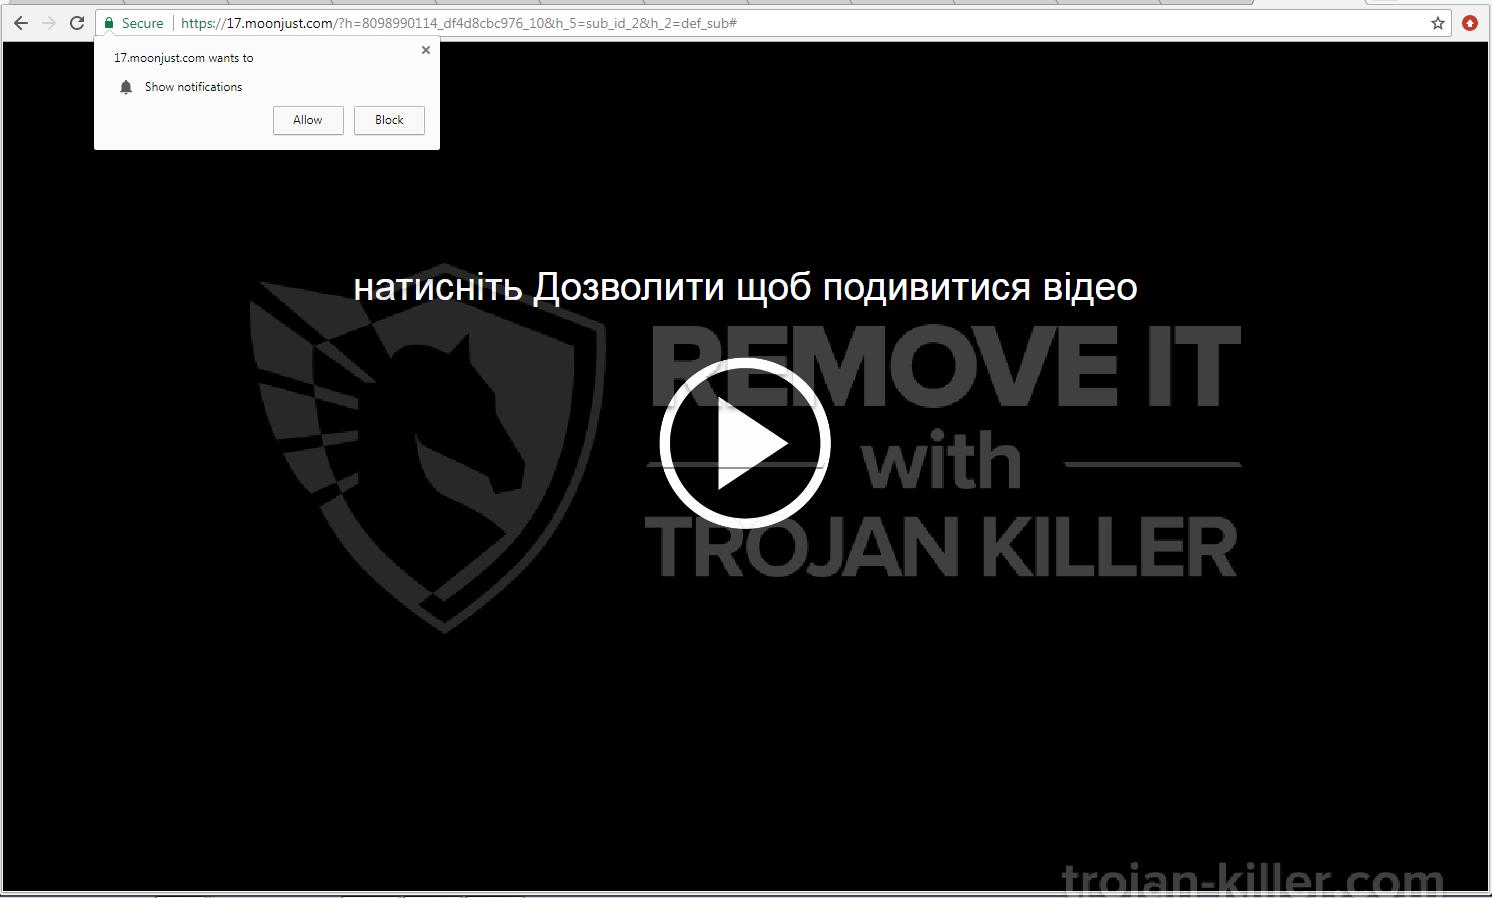 Moonjust.com virus